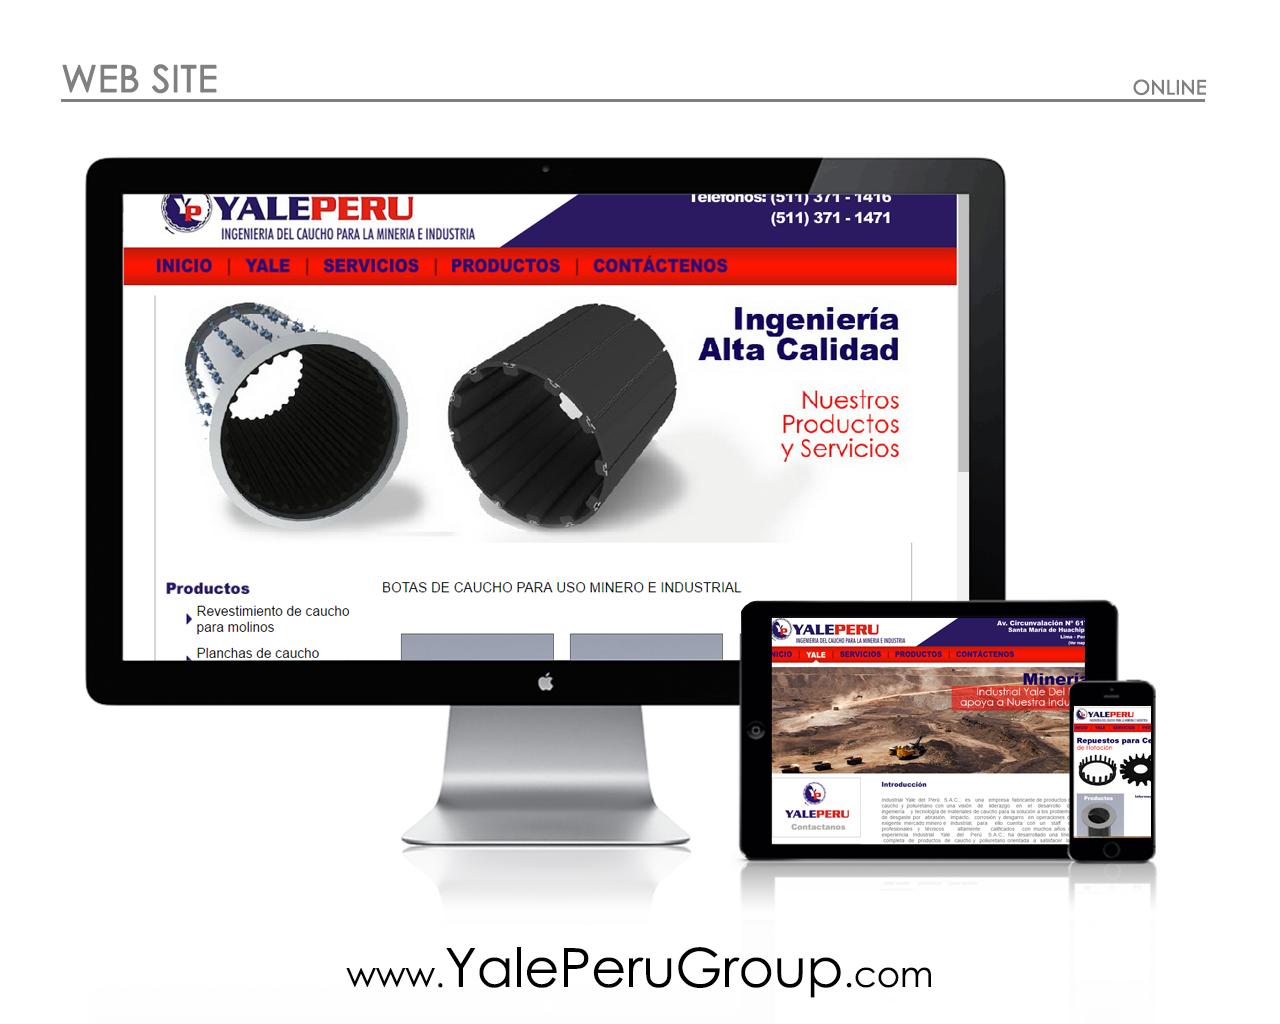 yale-peru_web